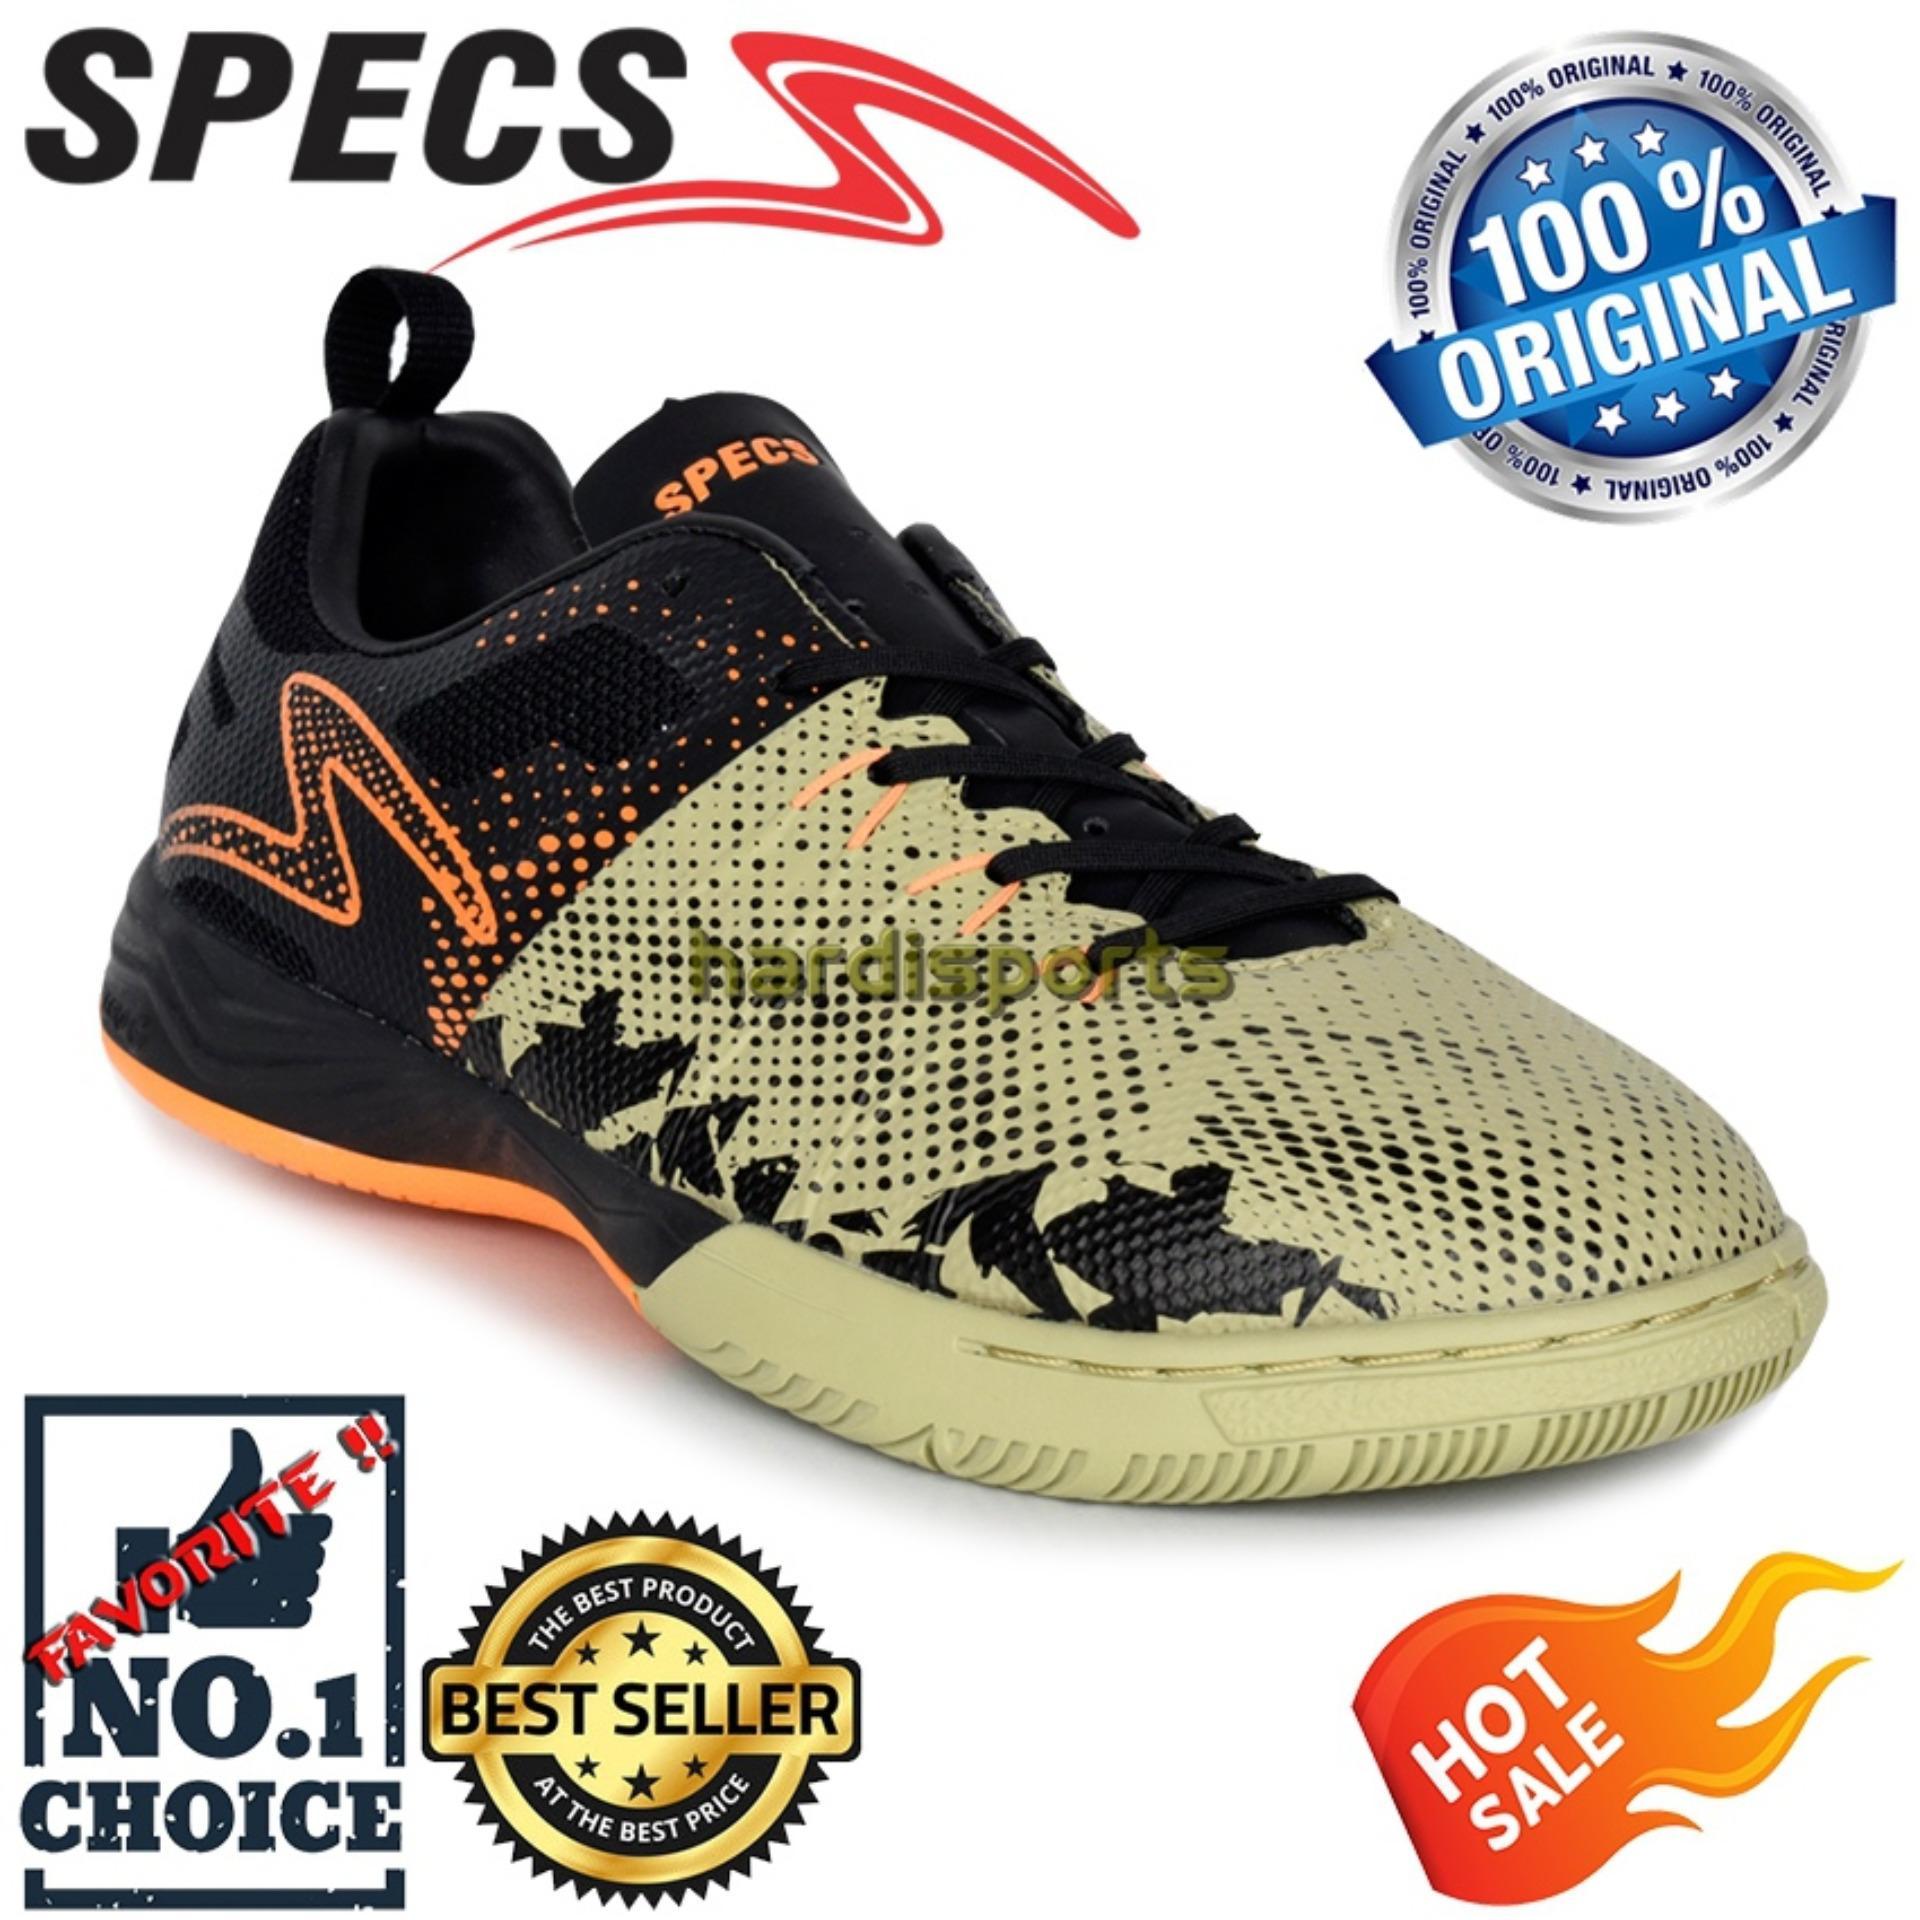 Jual Sepatu Futsal Specs Metasala Combat Online Di Banten